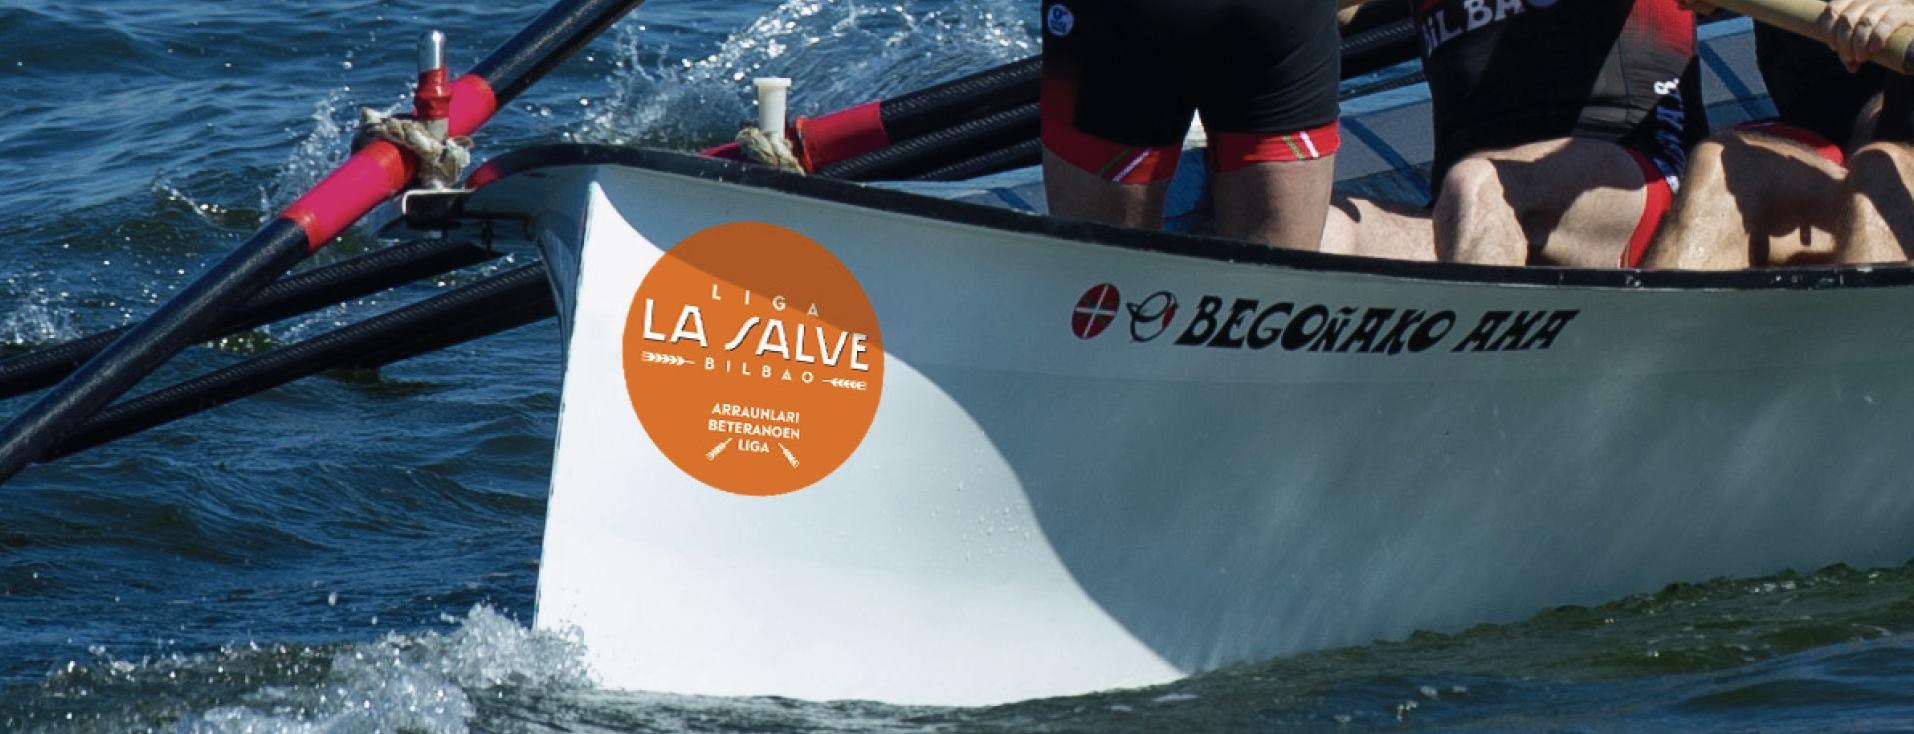 Liga LA SALVE de remo primera regata en Pasaia - LA SALVE Bilbao